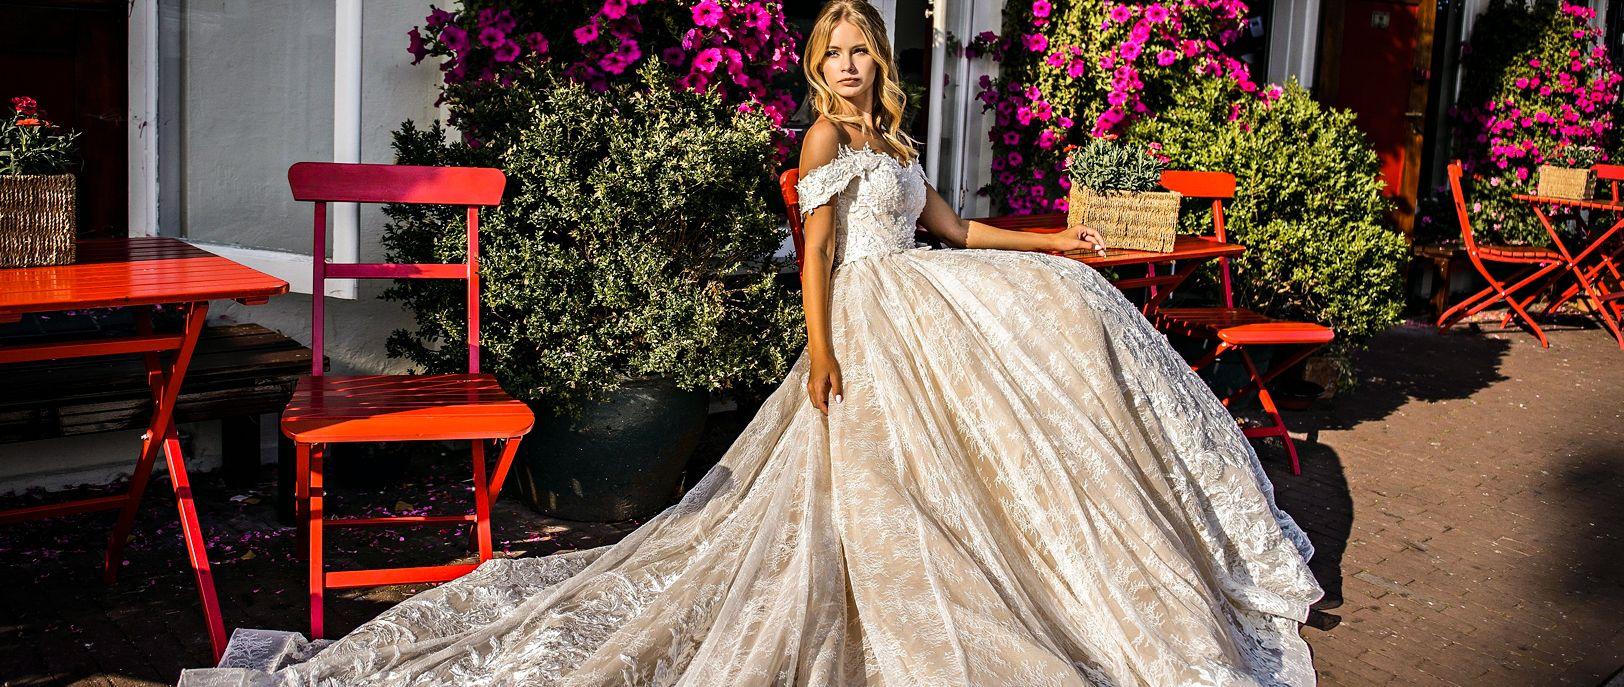 e202fbfb3d87 Irian sam svadobné šaty